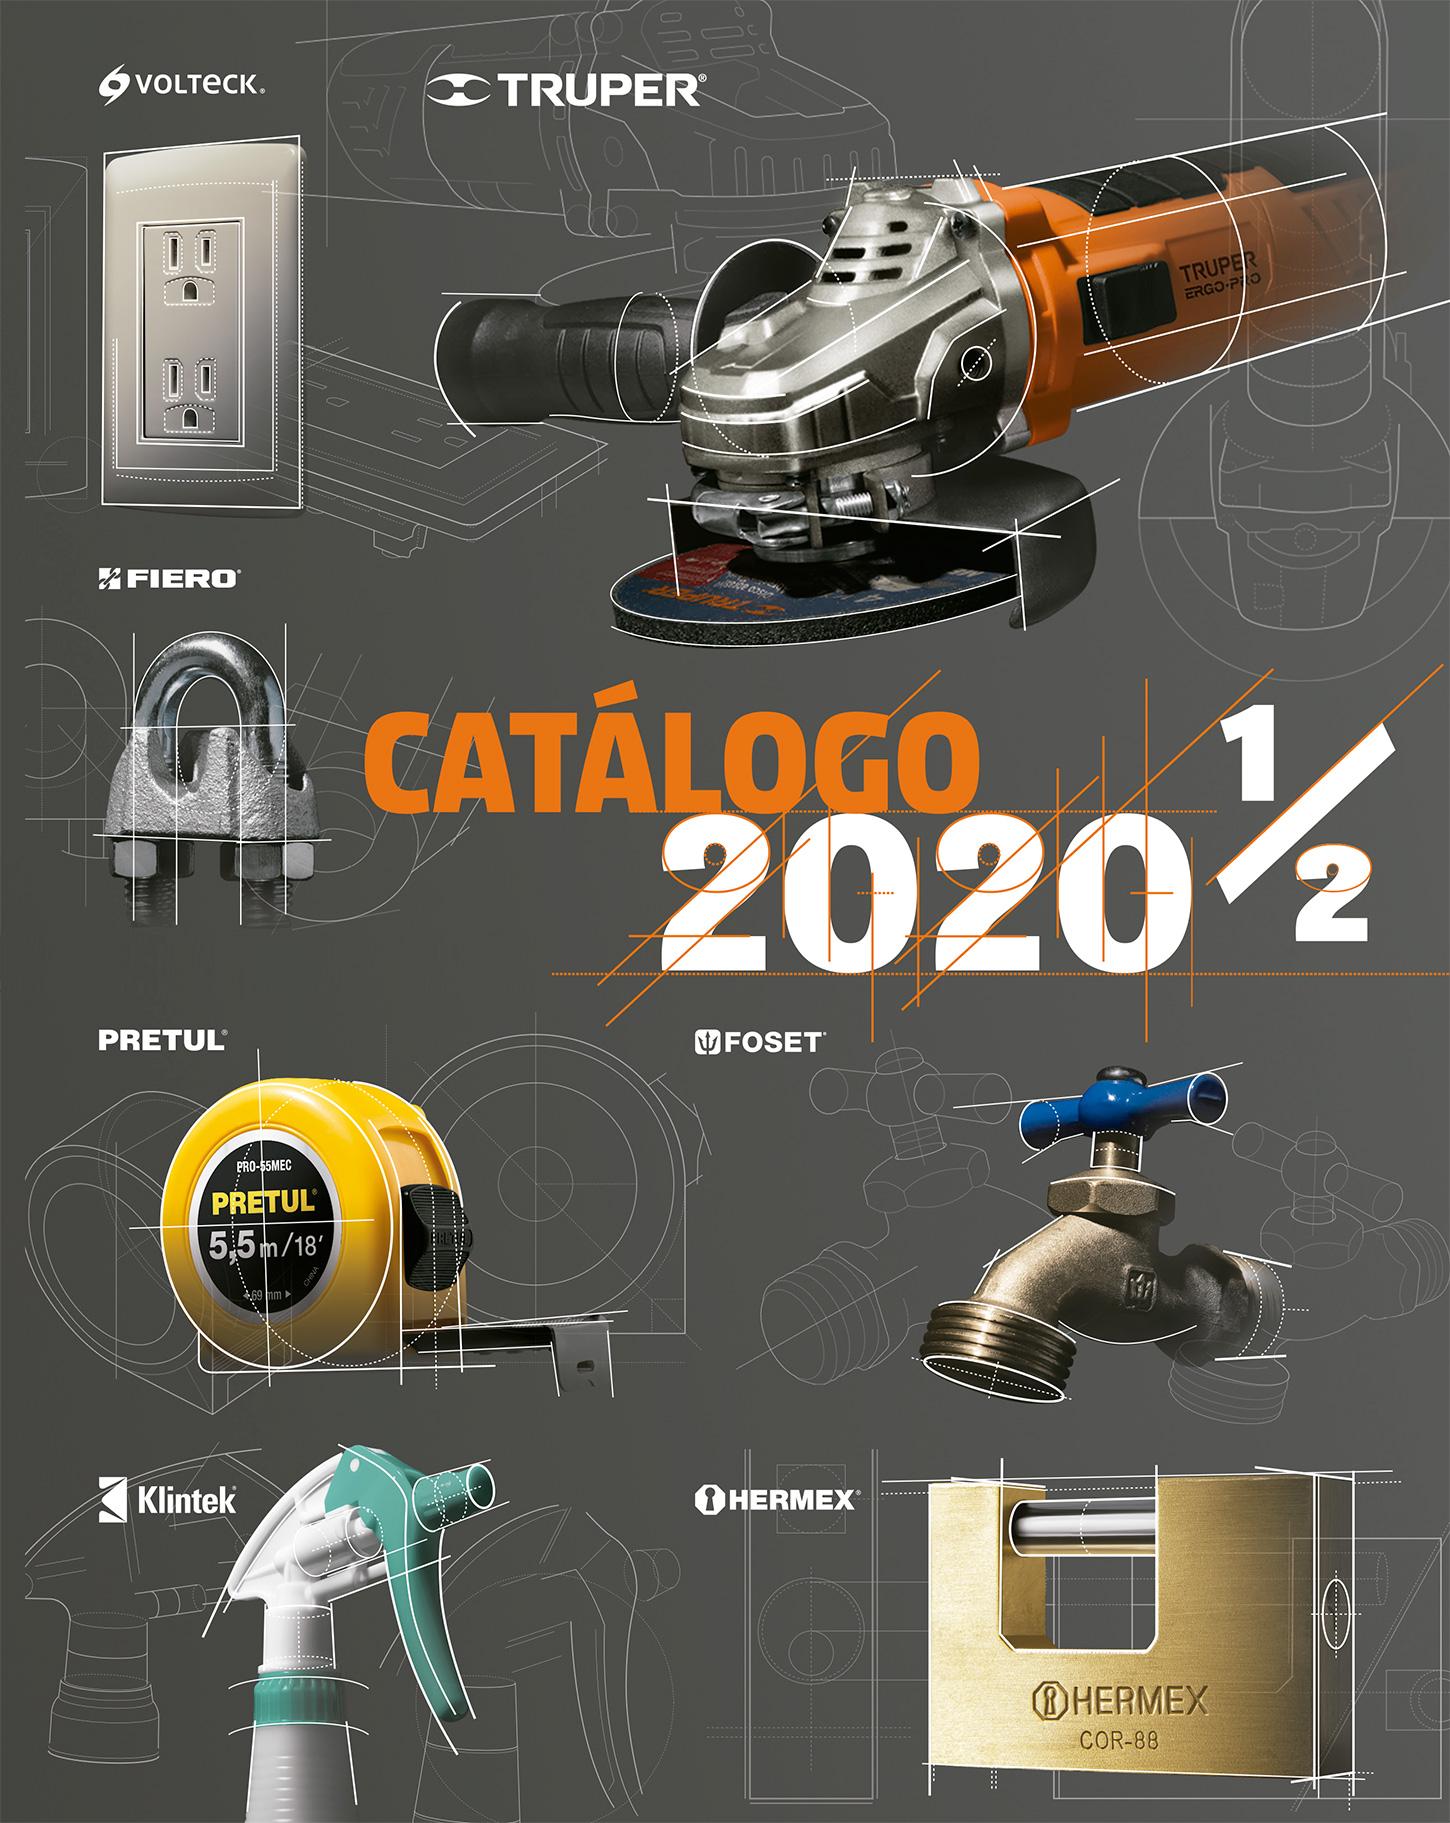 Catalogo Truper 2020 Digital